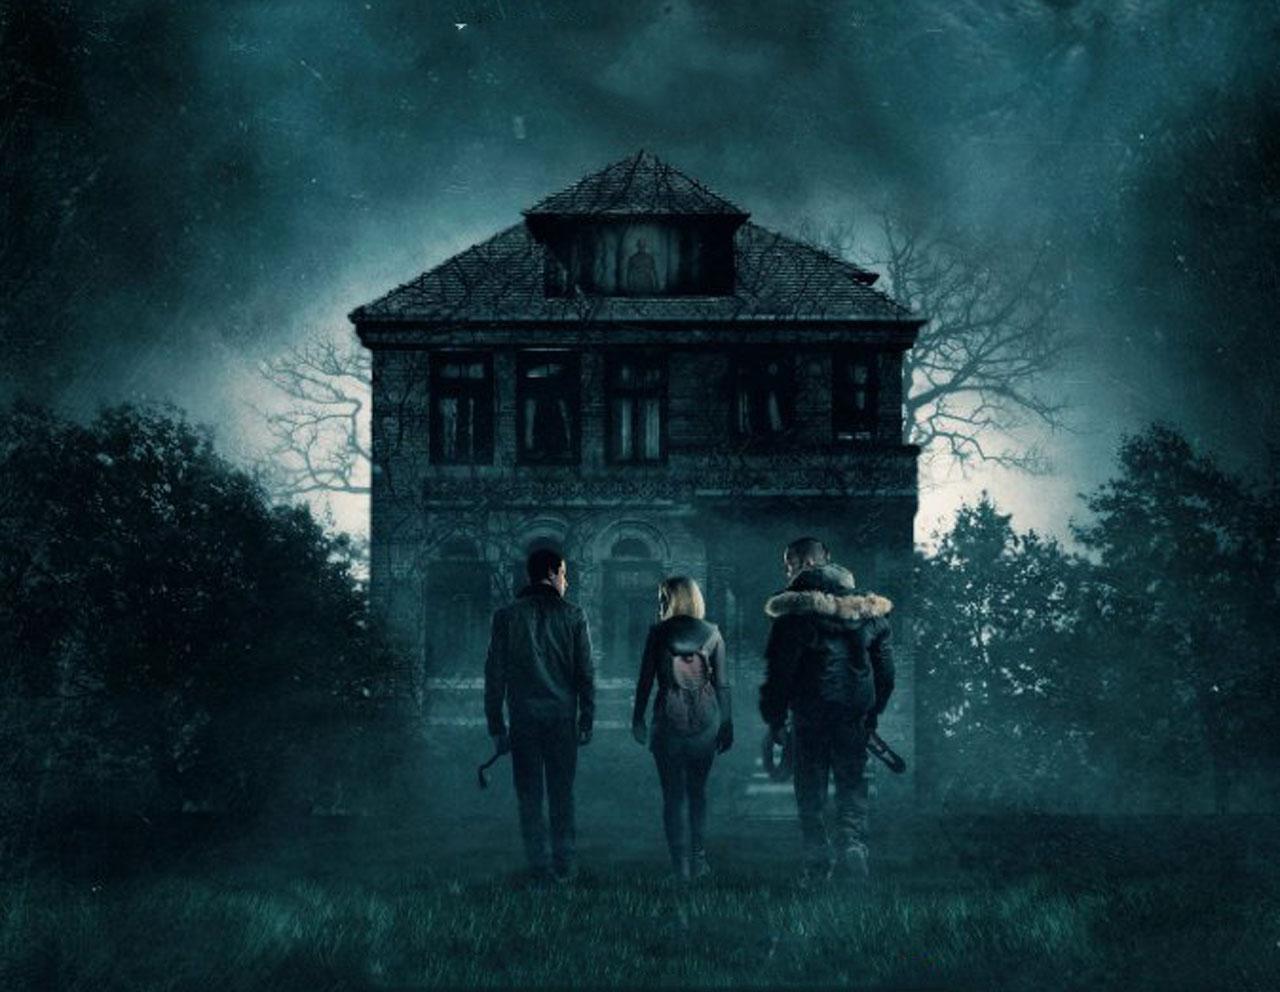 топ 10 самые страшные фильмы ужасов топ 10